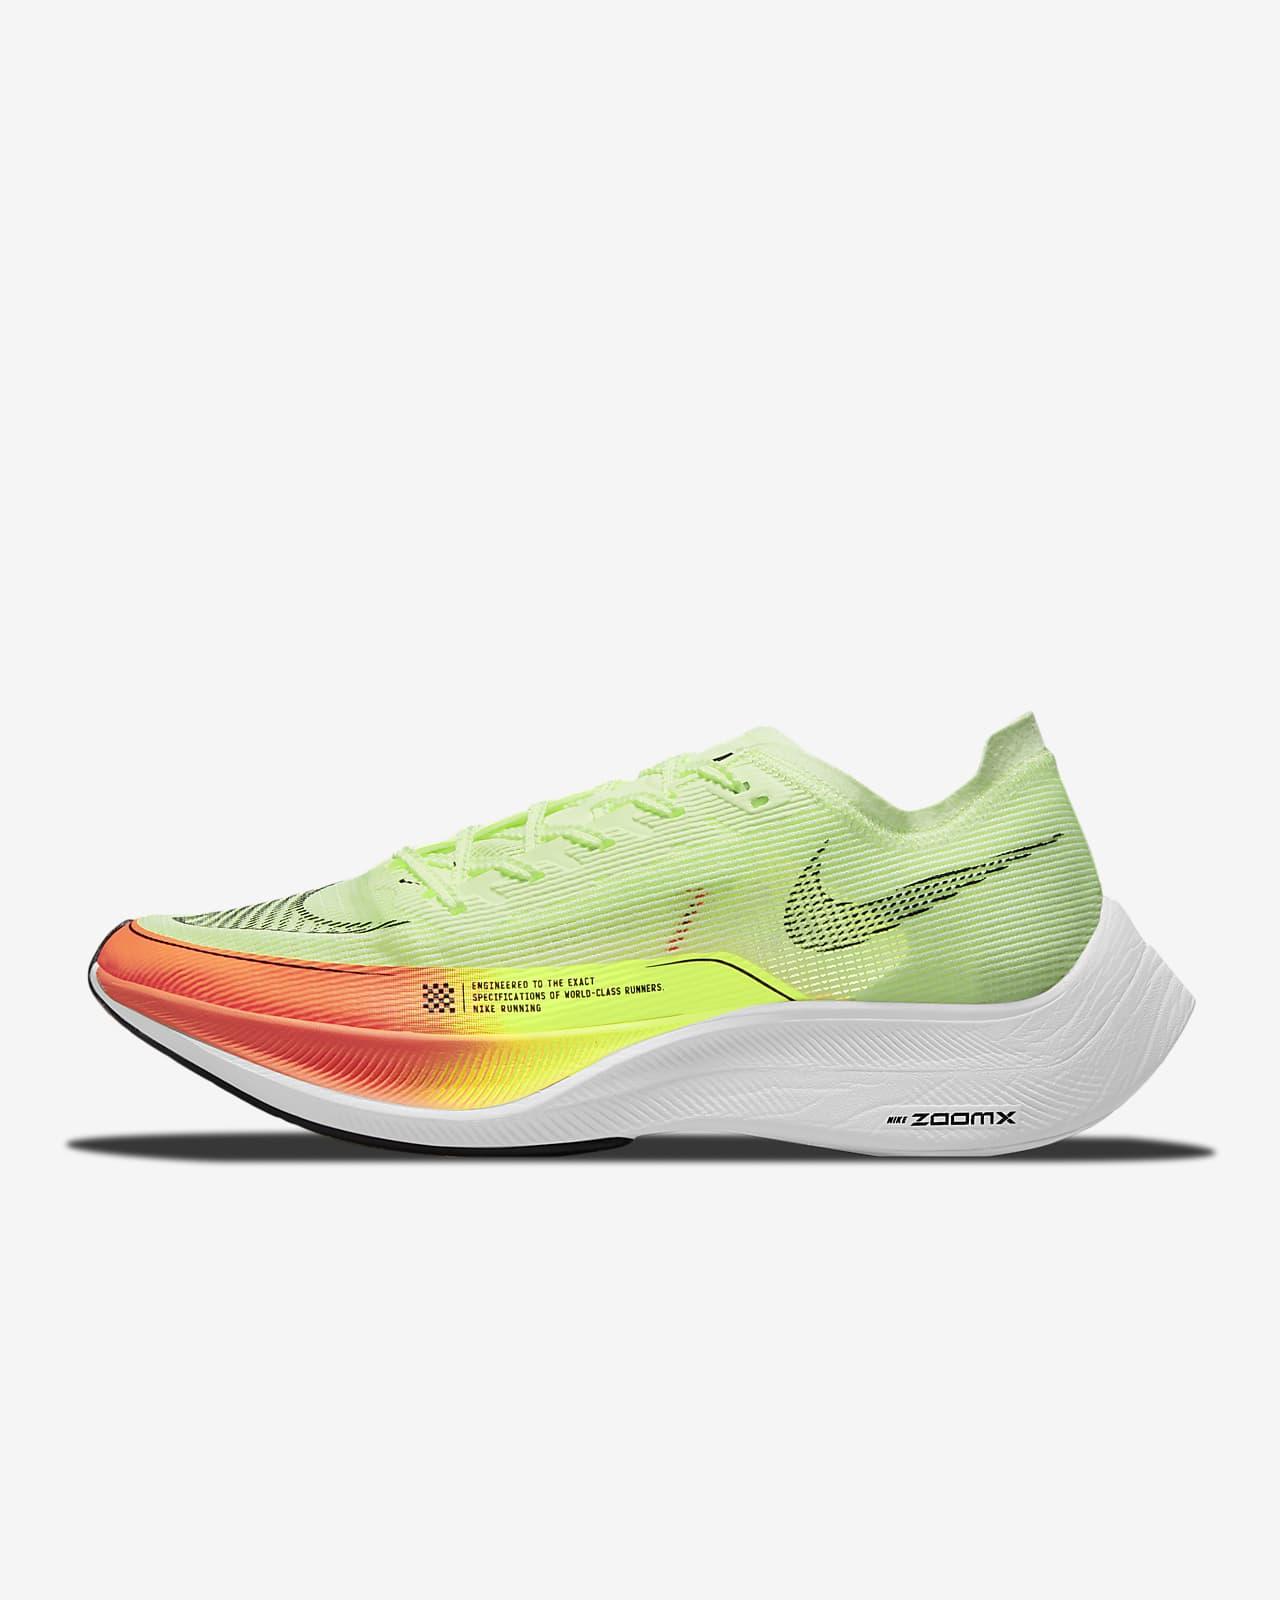 Chaussures de course sur route Nike ZoomX Vaporfly Next%2 pour Homme